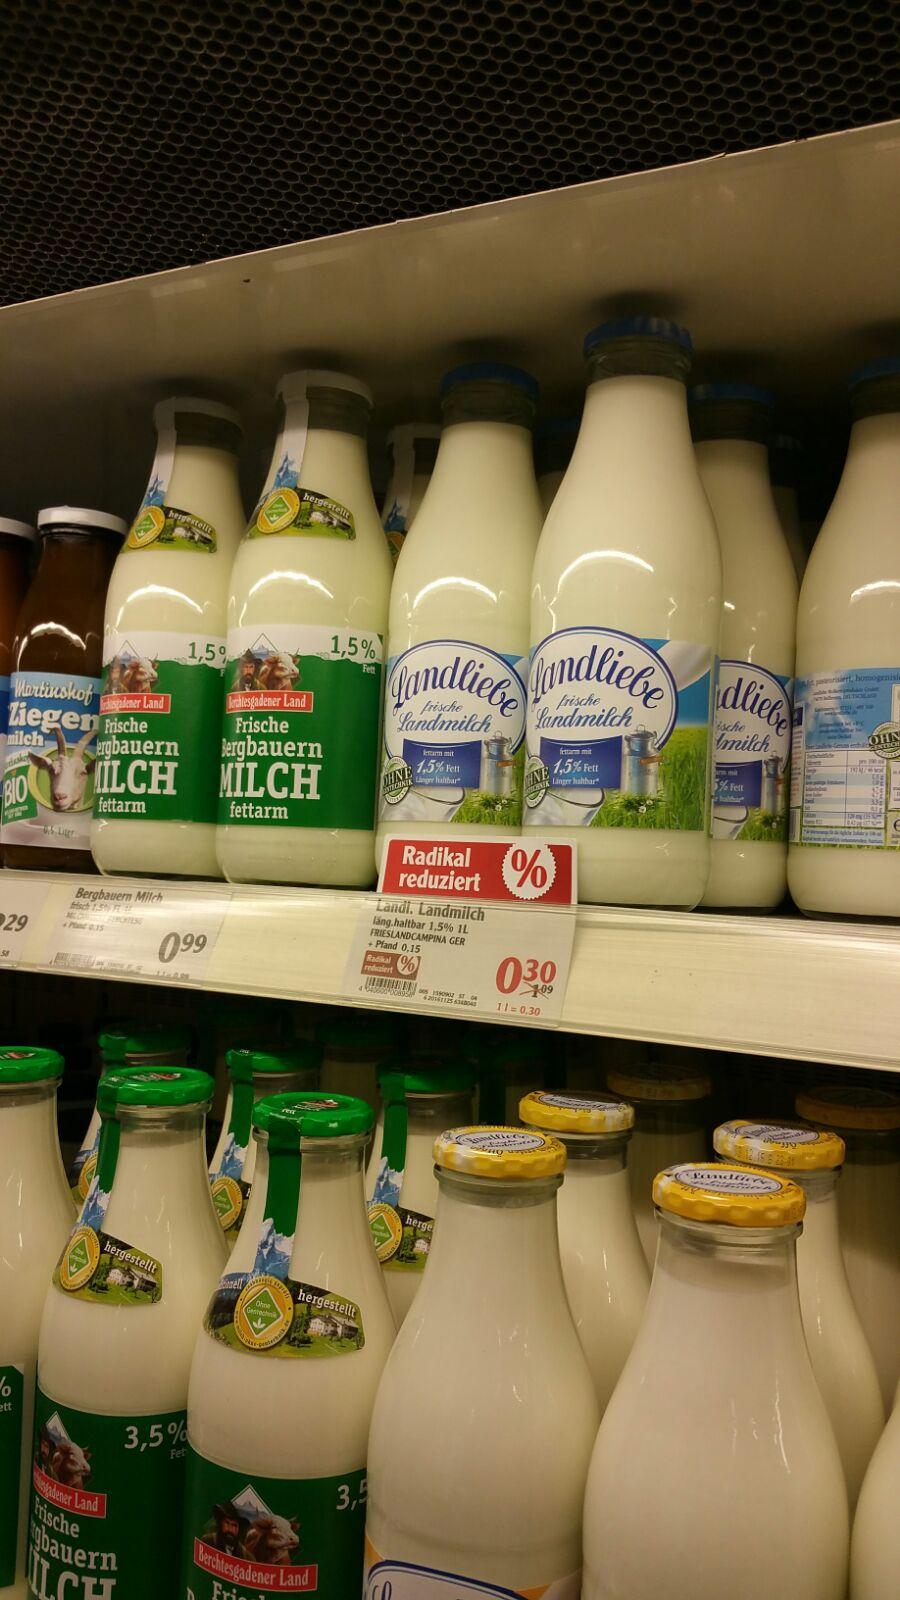 [ Local ] Globus Völklingen - Landliebe 1,5 % Milch